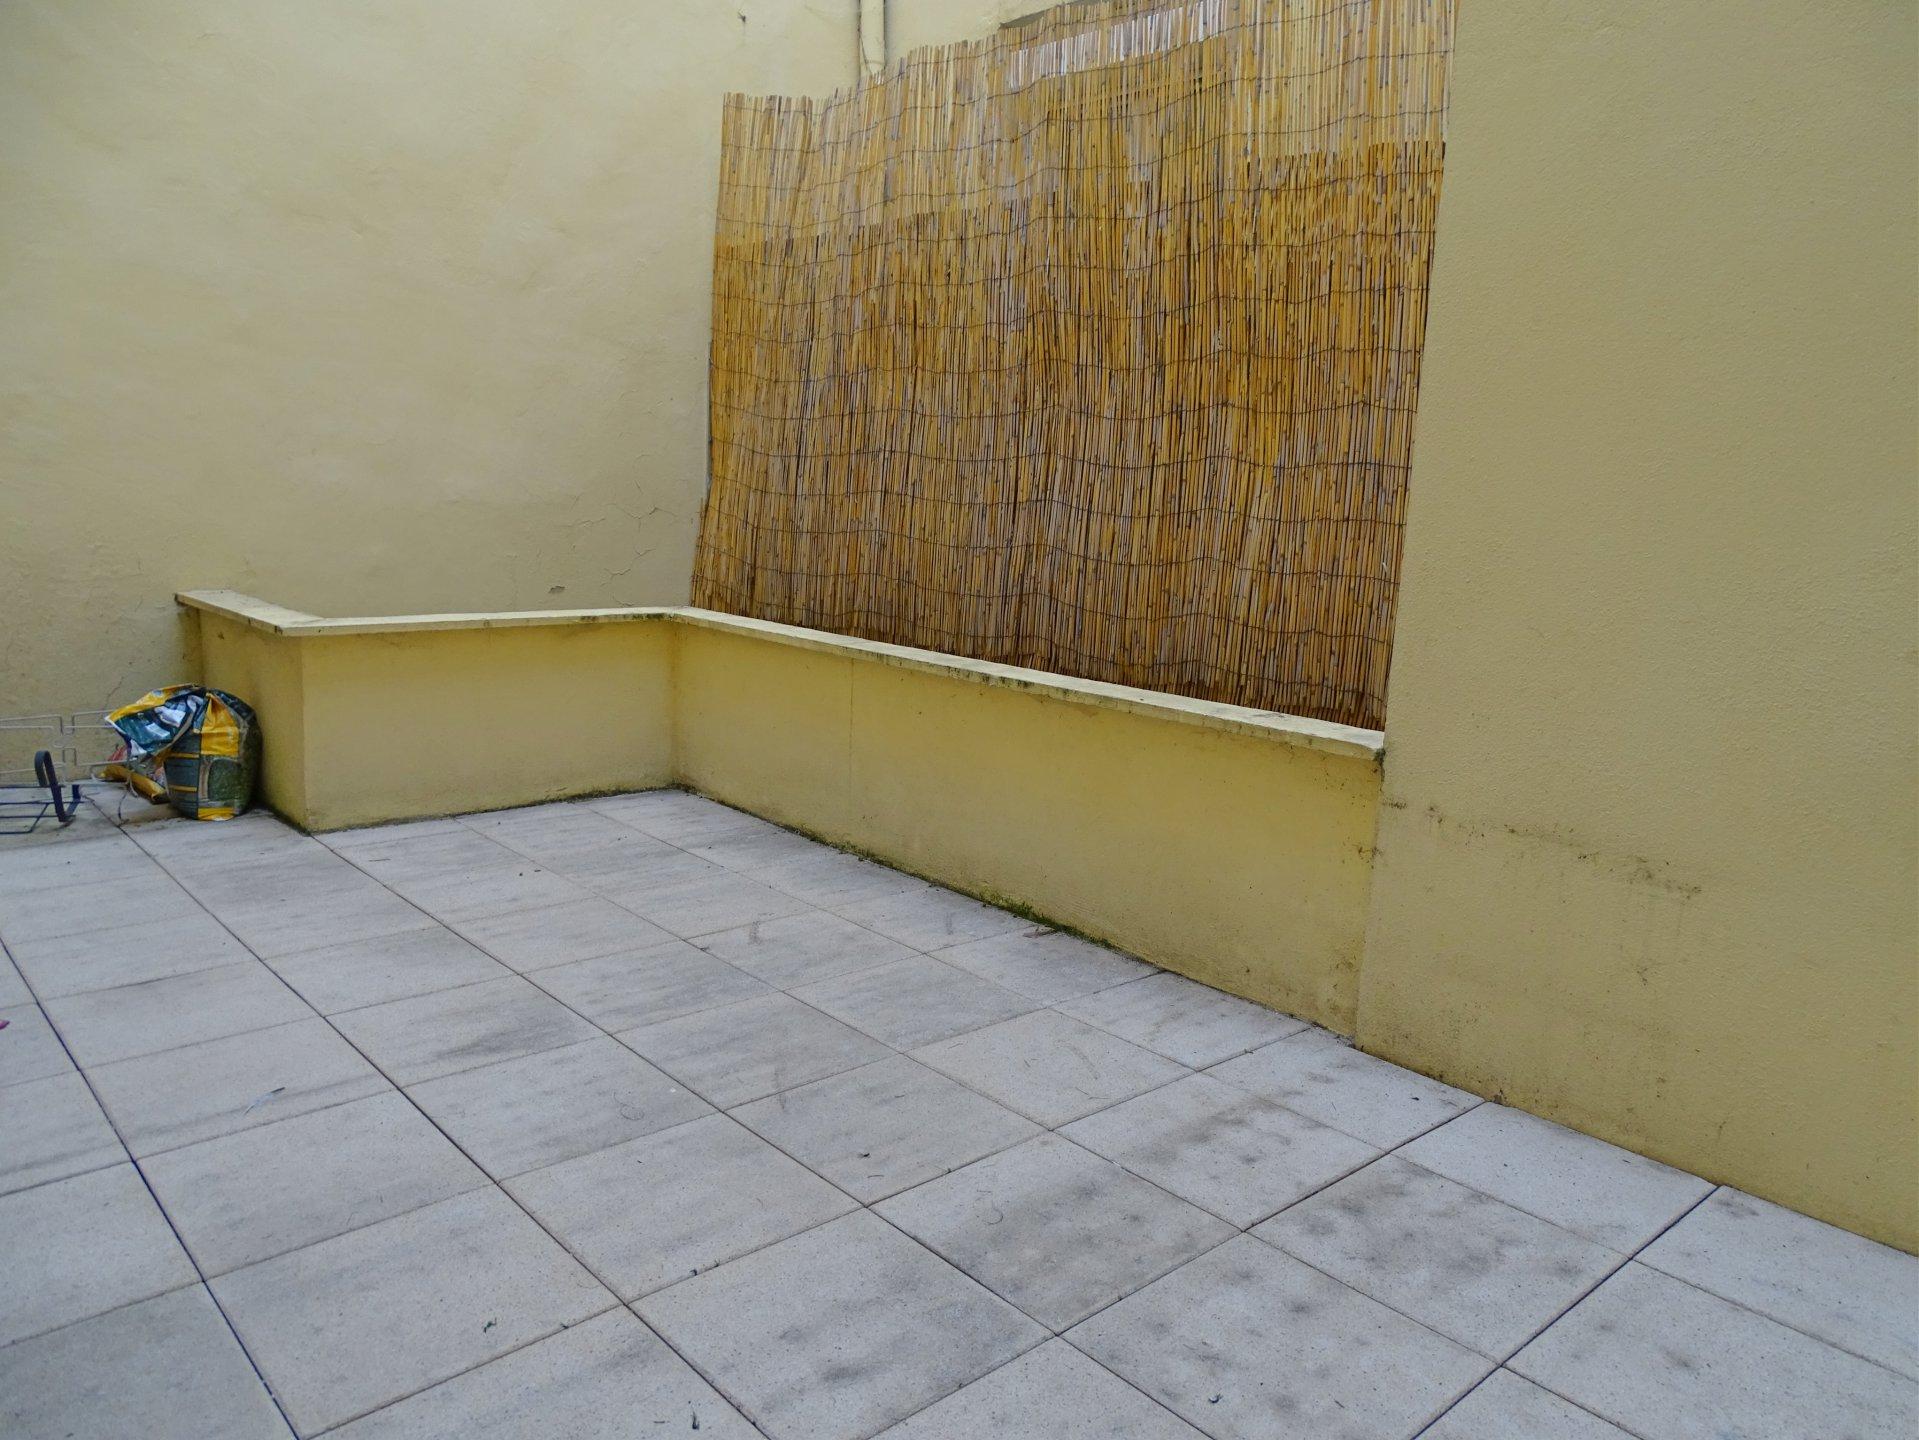 Hyper centre, Mâcon, à proximité immédiate des commerces et commodités, venez découvrir cet appartement d'une surface de 85 m² entièrement rénové. Ce bien dispose d'une spacieuse pièce de vie, cuisine avec accès à la terrasse, deux chambres, salle de bains, toilette. Cet appartement est doté de nombreux rangements ainsi qu'une cave et une place de parking privative! Vous n'aurez plus qu'à poser vos valises. Copropriété bien entretenue, avec ascenseur, faibles charges (76 euros par mois - 11 lots). Honoraires à la charge du vendeur.